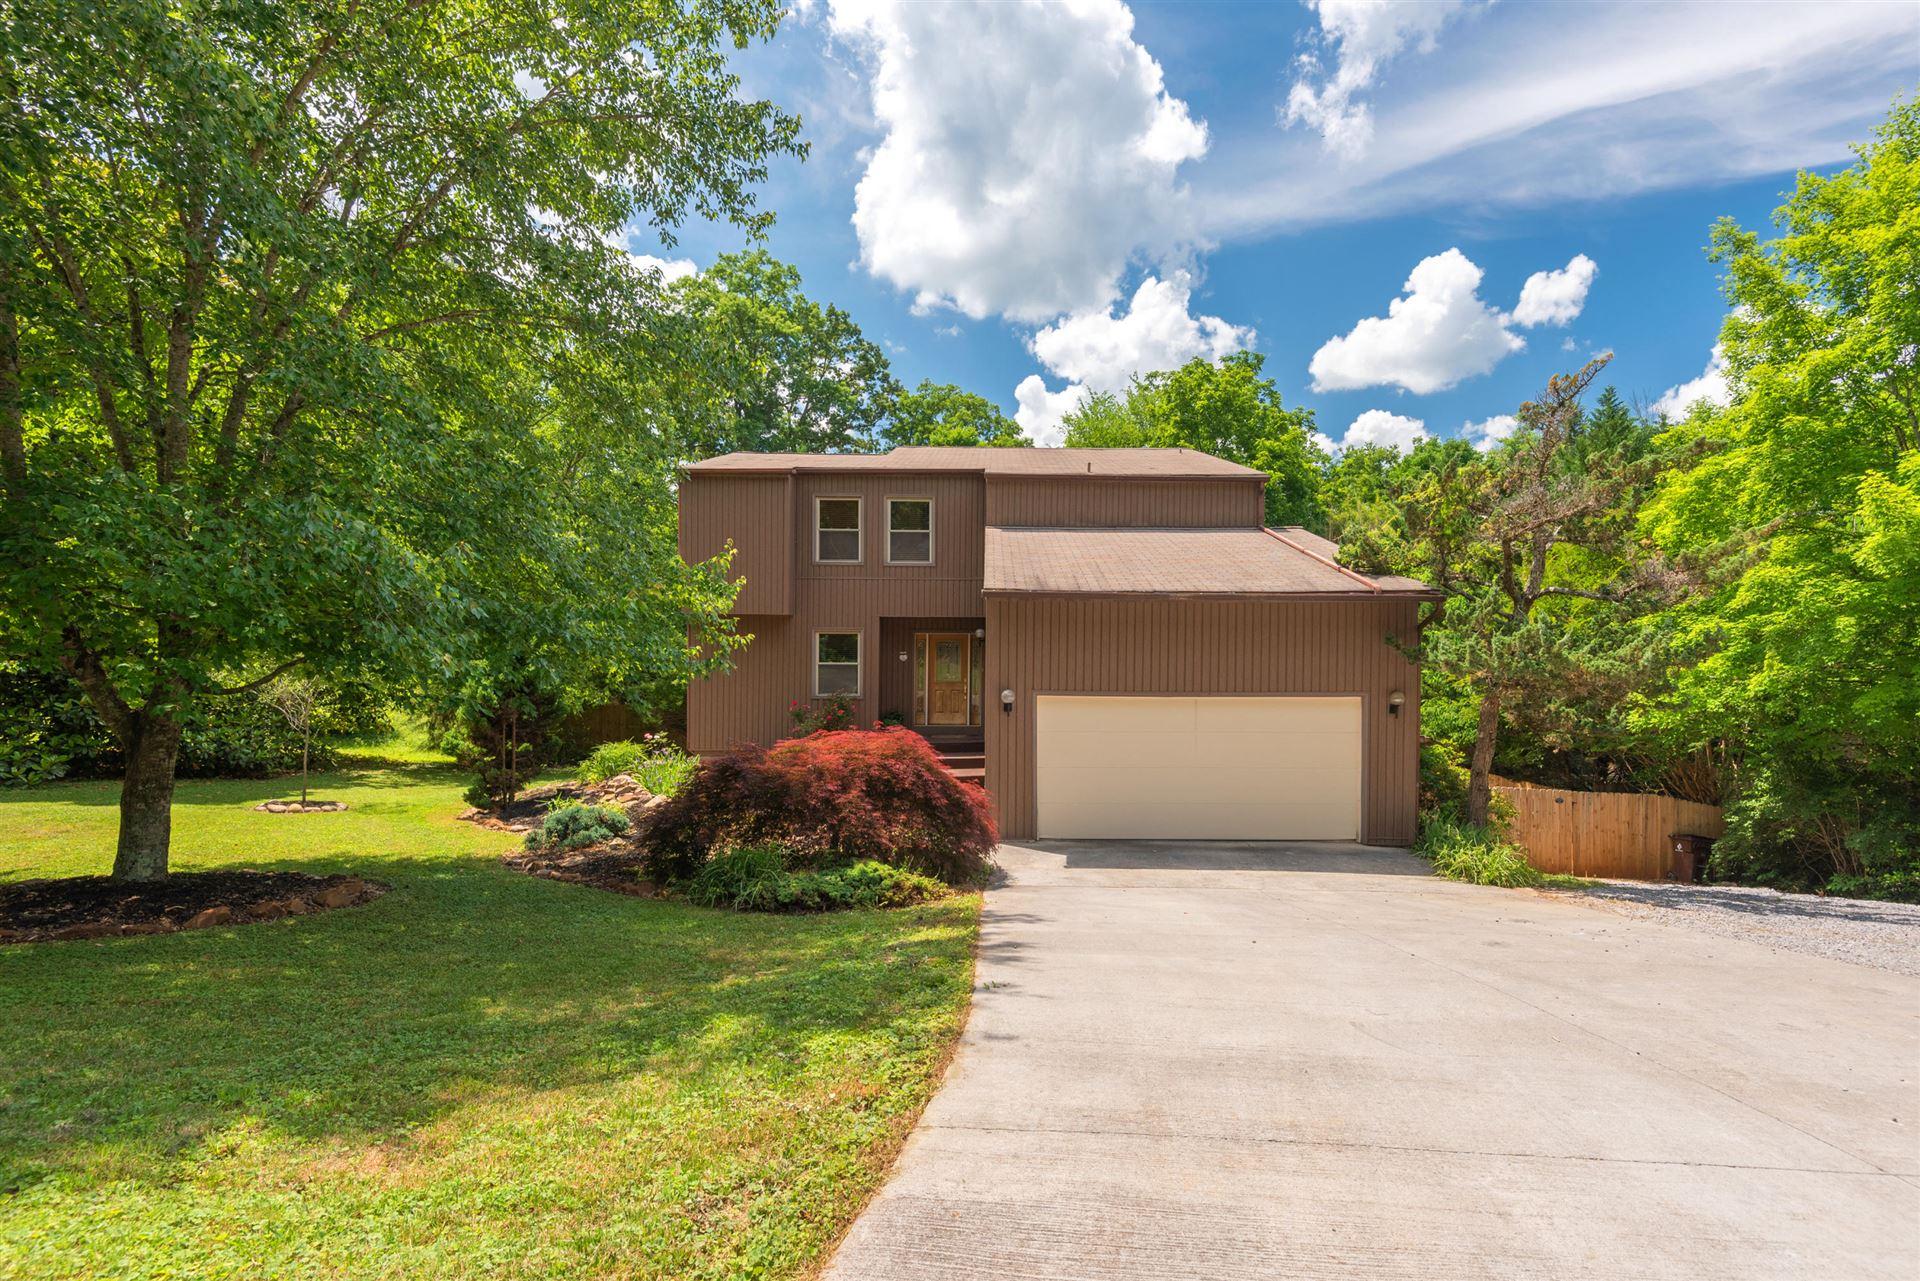 Photo of 105 Chestnut Hill Rd, Oak Ridge, TN 37830 (MLS # 1155462)